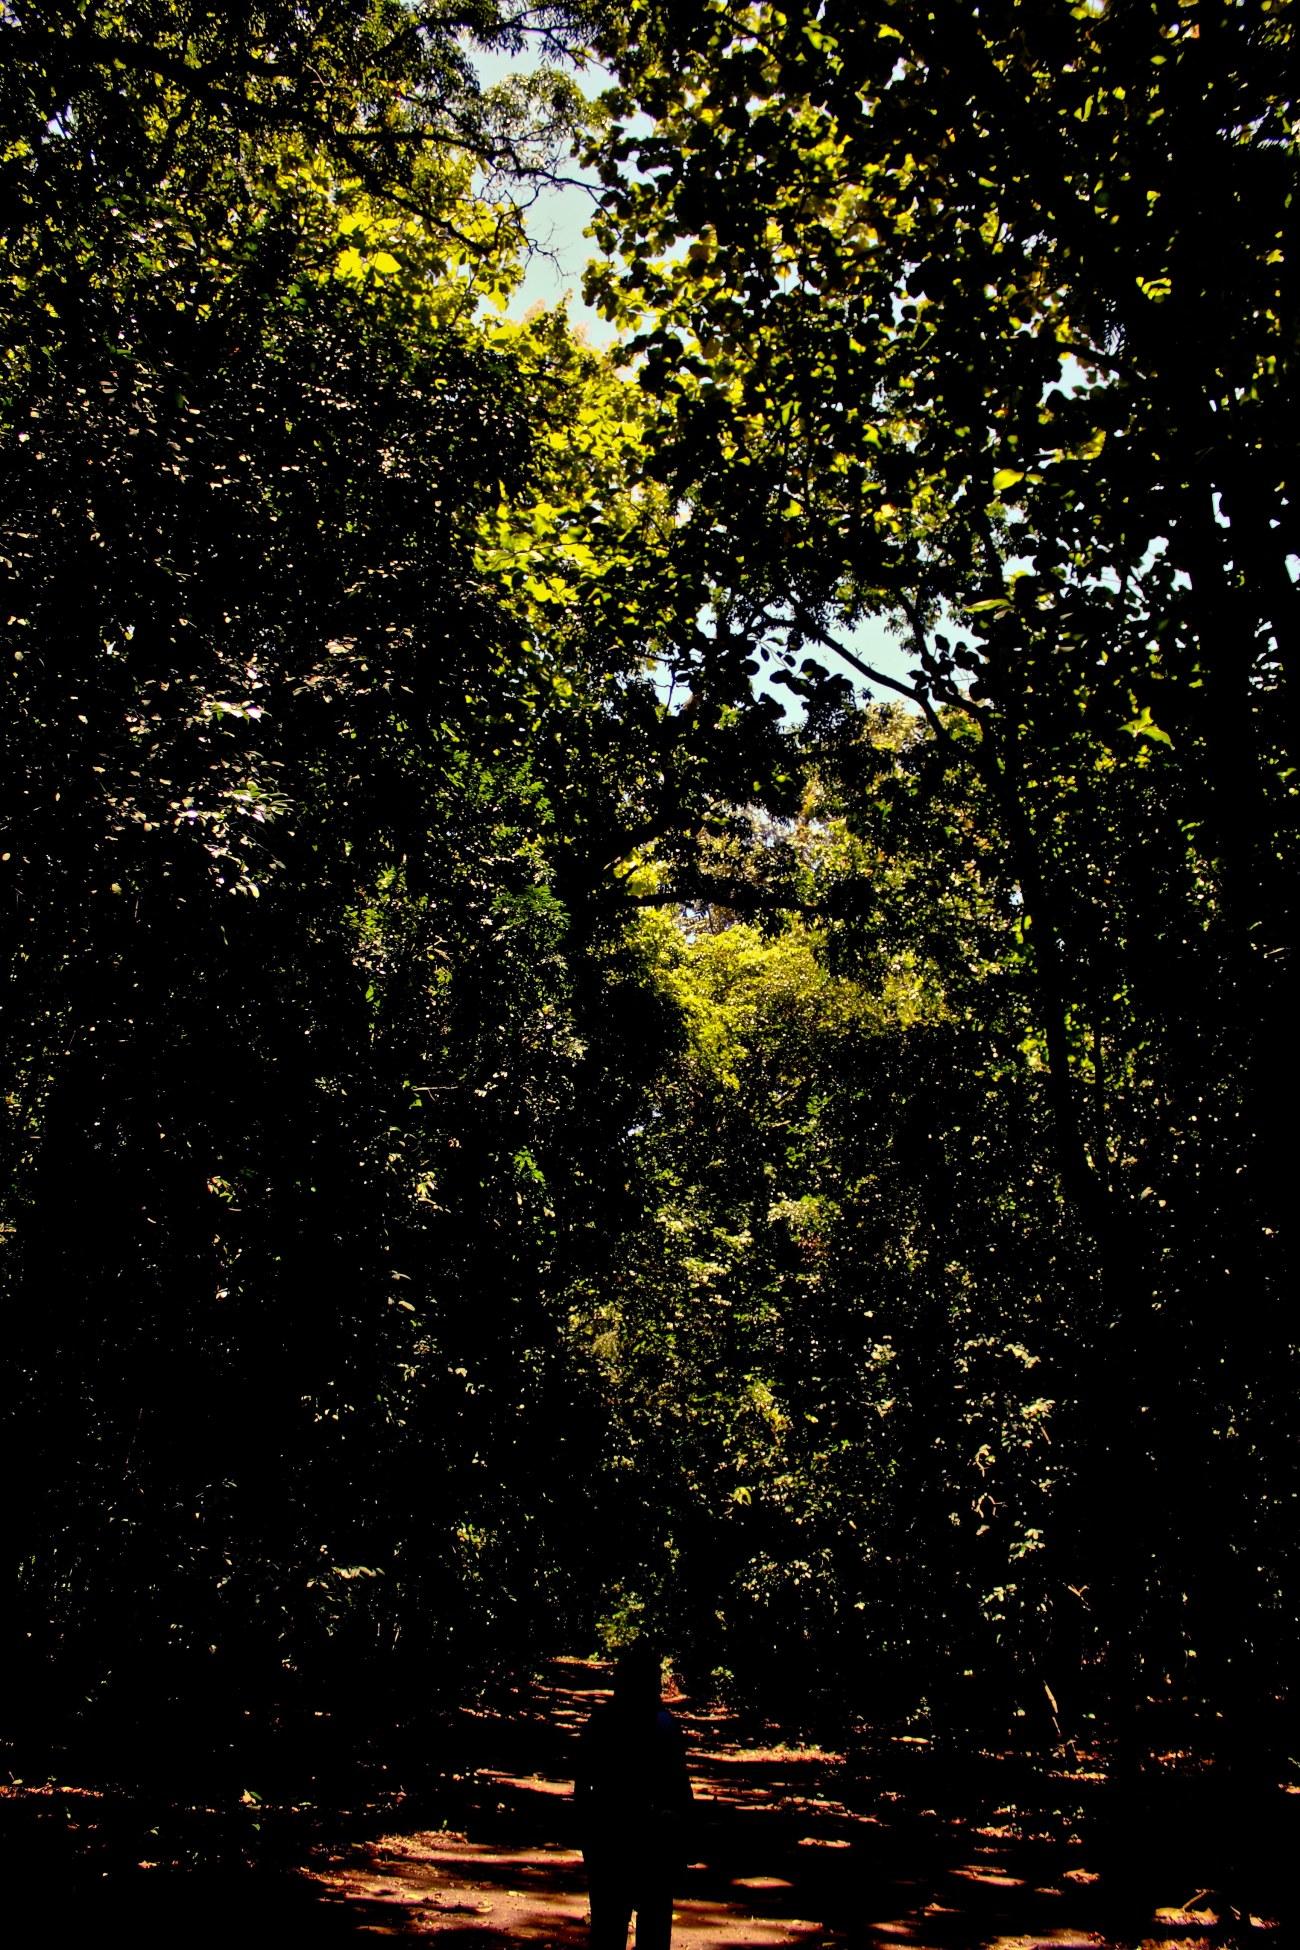 Masuk ke dalam hutan.